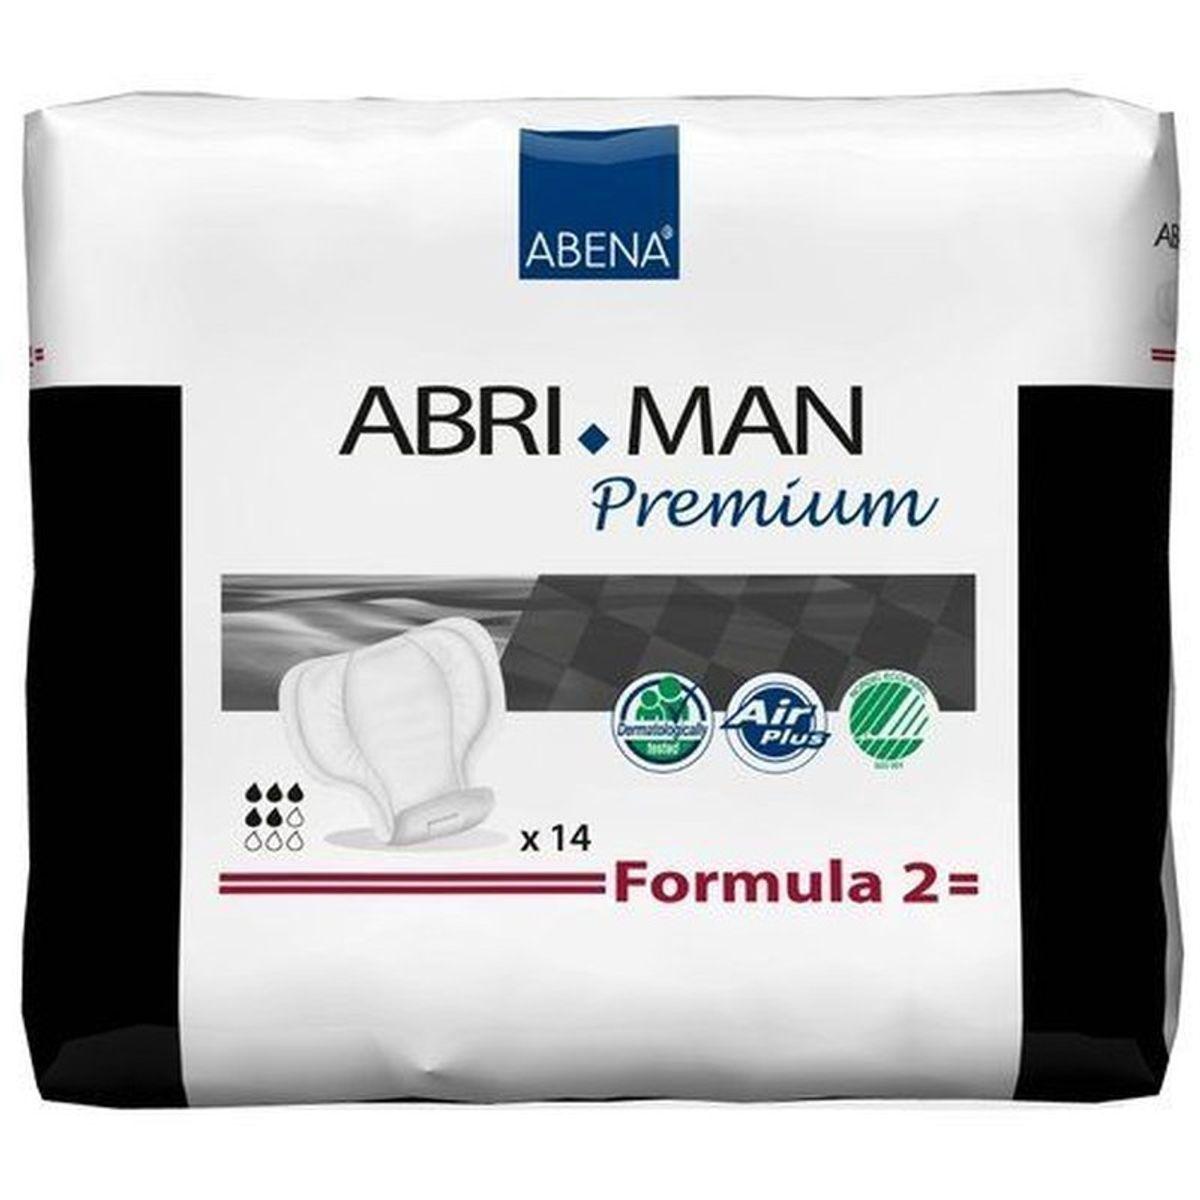 Abena Abri-Man Premium Formula 2 - Protections anatomiques pour hommes - 14 pièces - Coquilles